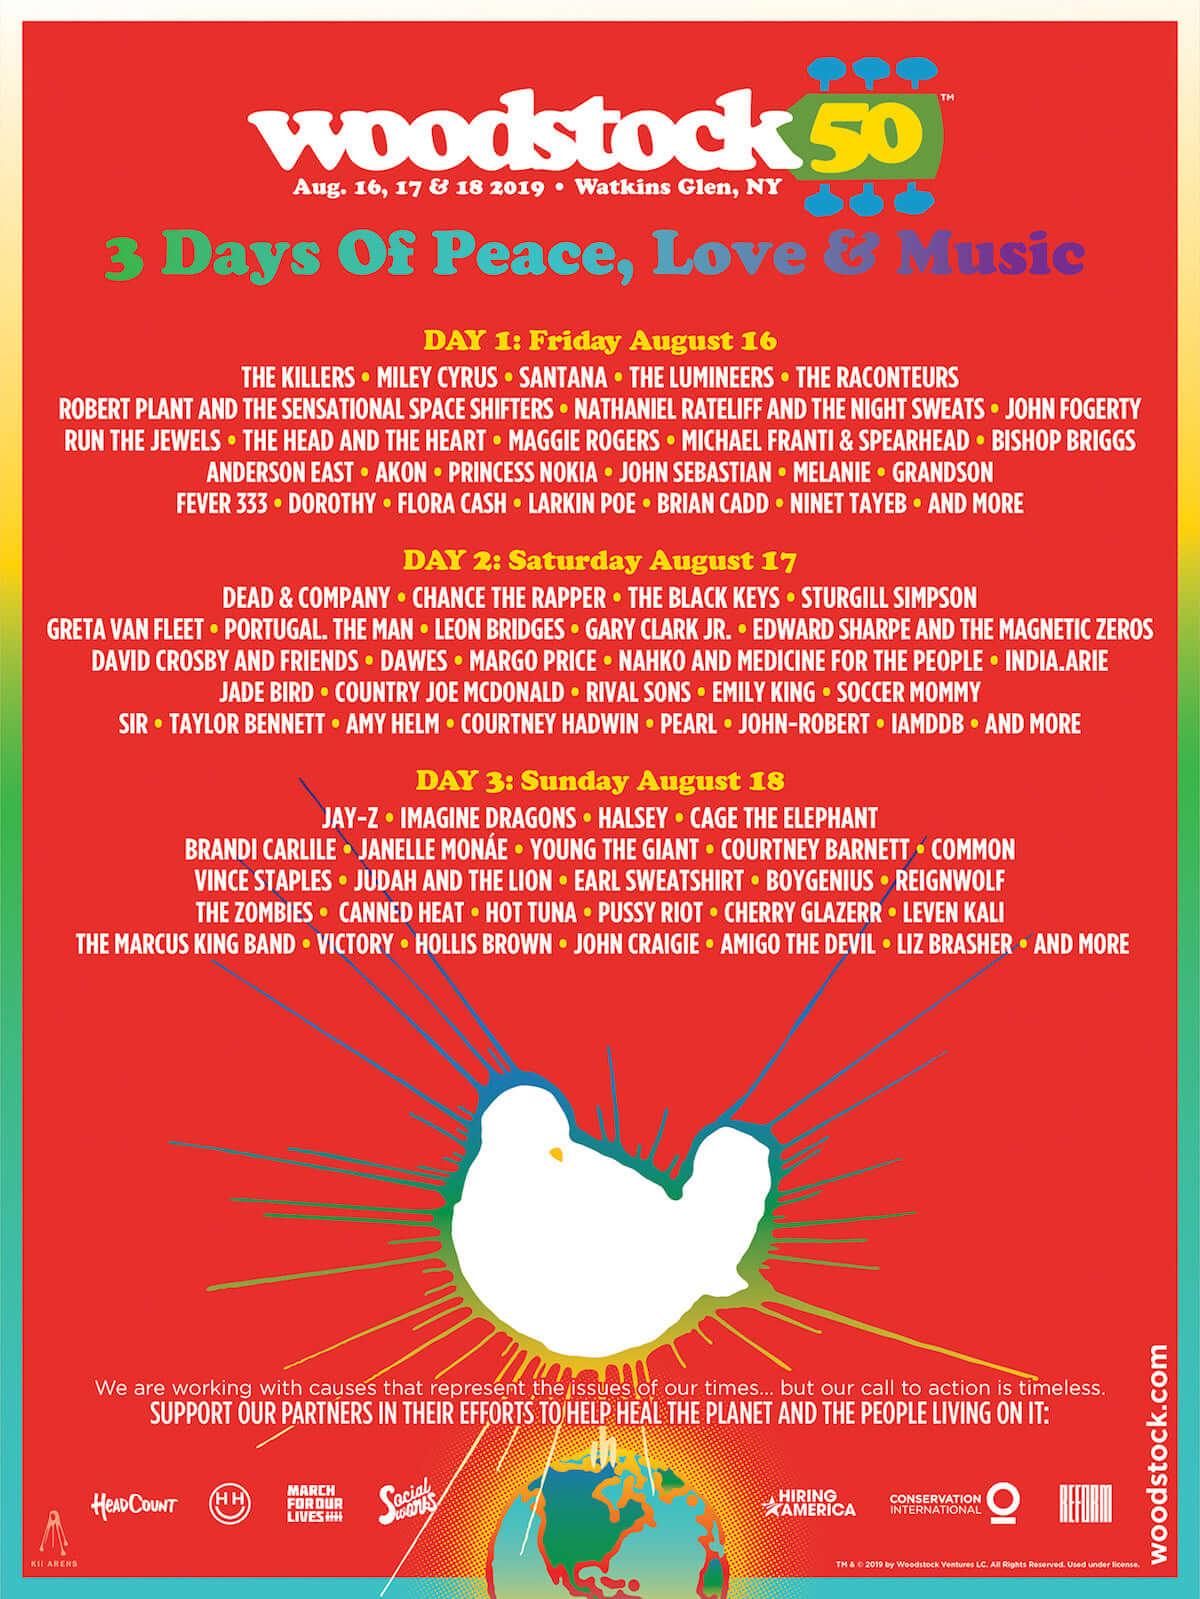 ラジオ番組『Tokyo Brilliantrips』連動!ウッドストック50周年記念フェス「Woodstock 50」などをご紹介 music190320-woodstock-1200x1599